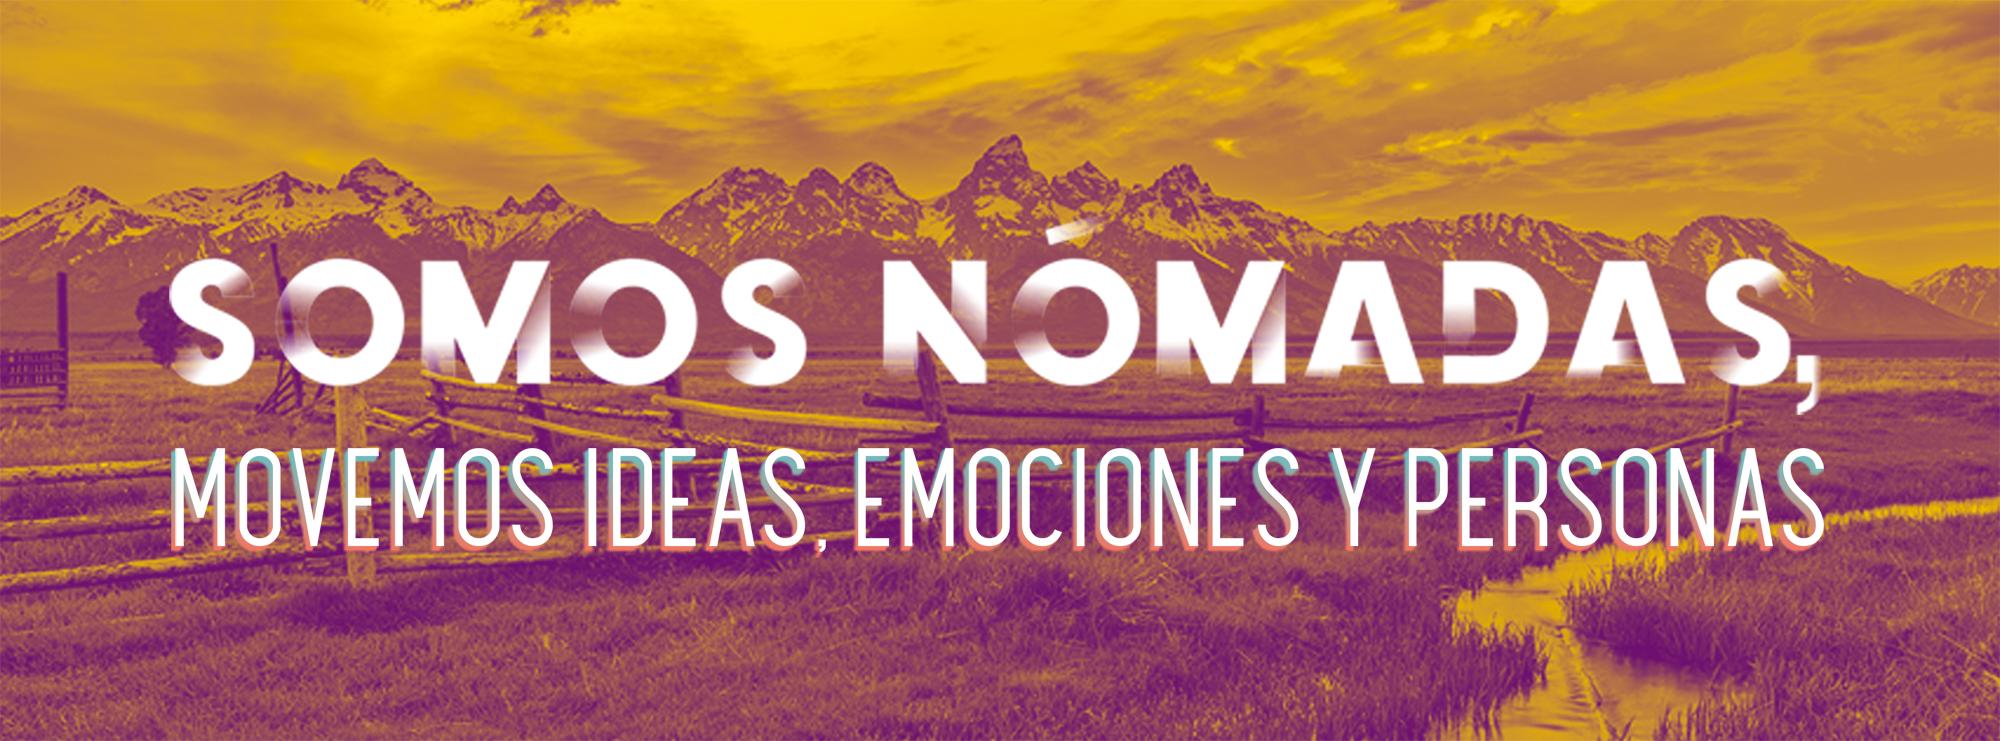 Somos nómadas, movemos ideas, emociones y personas